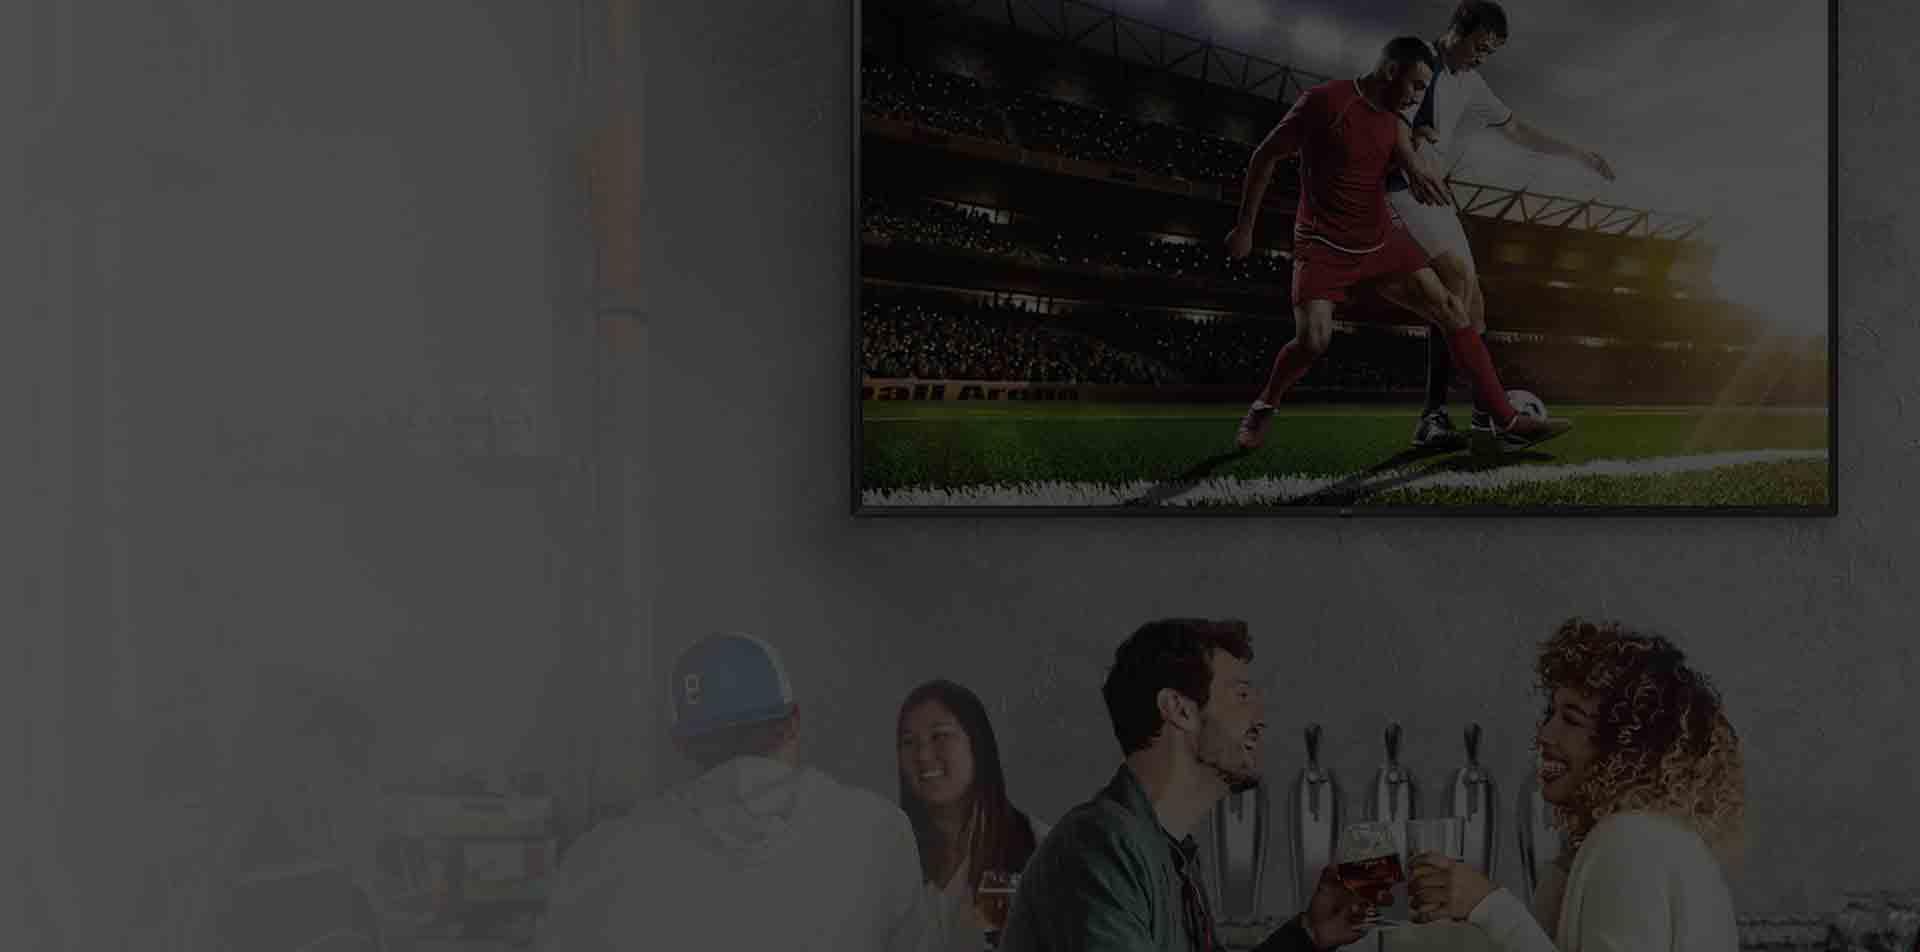 تعمیرات تلویزیون توشیبا در محل